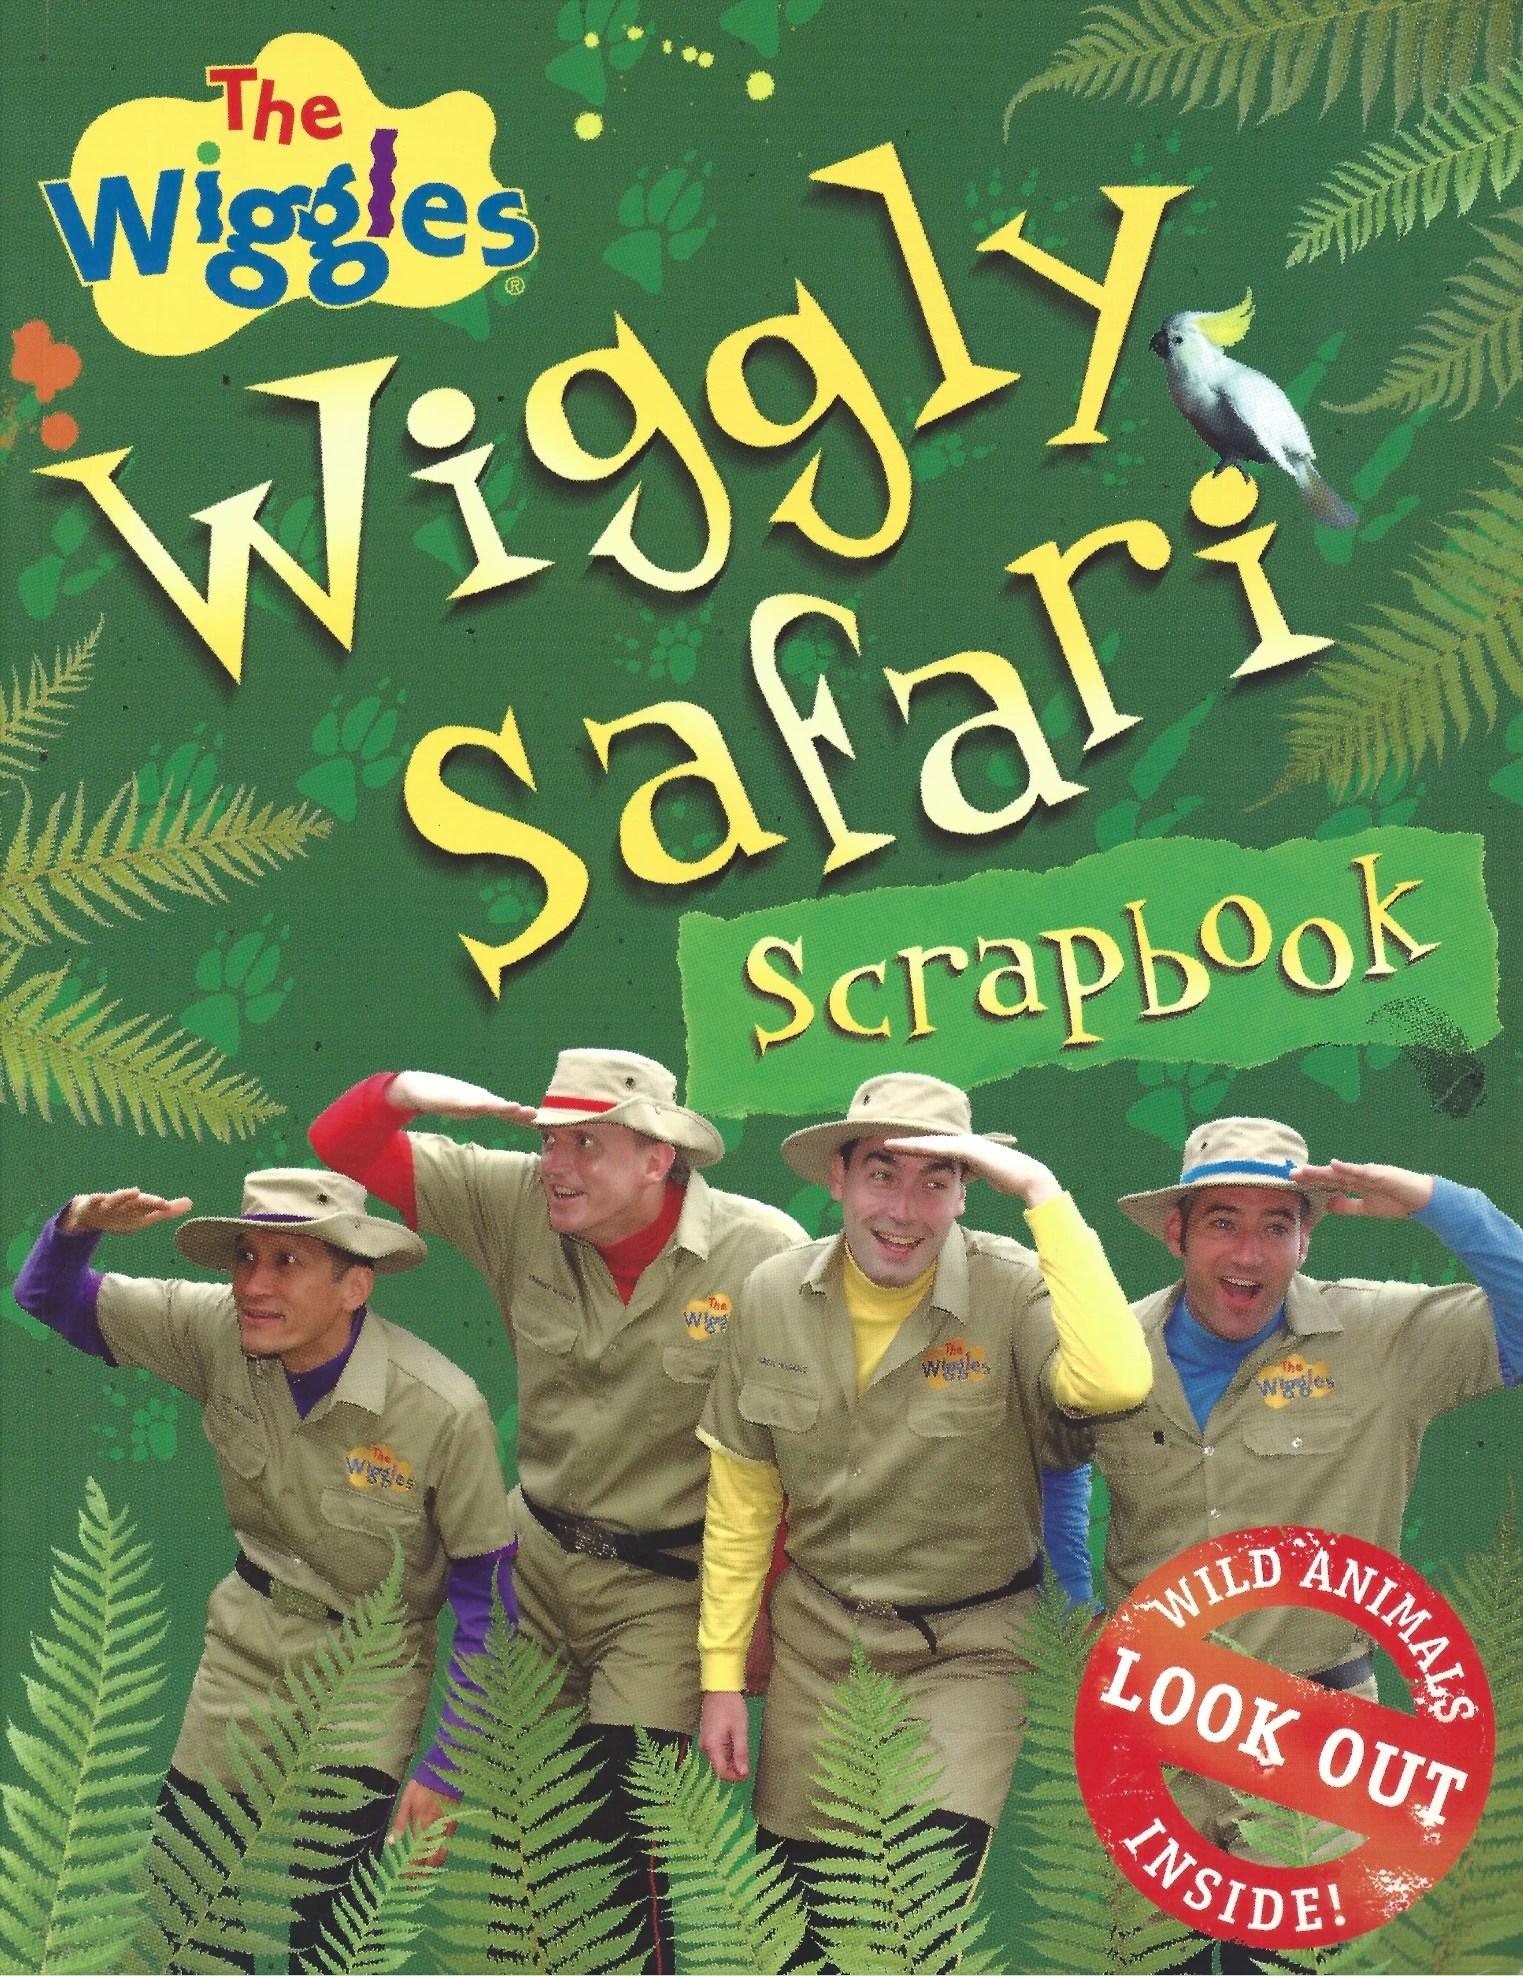 Wags Wiggles Safari Dog